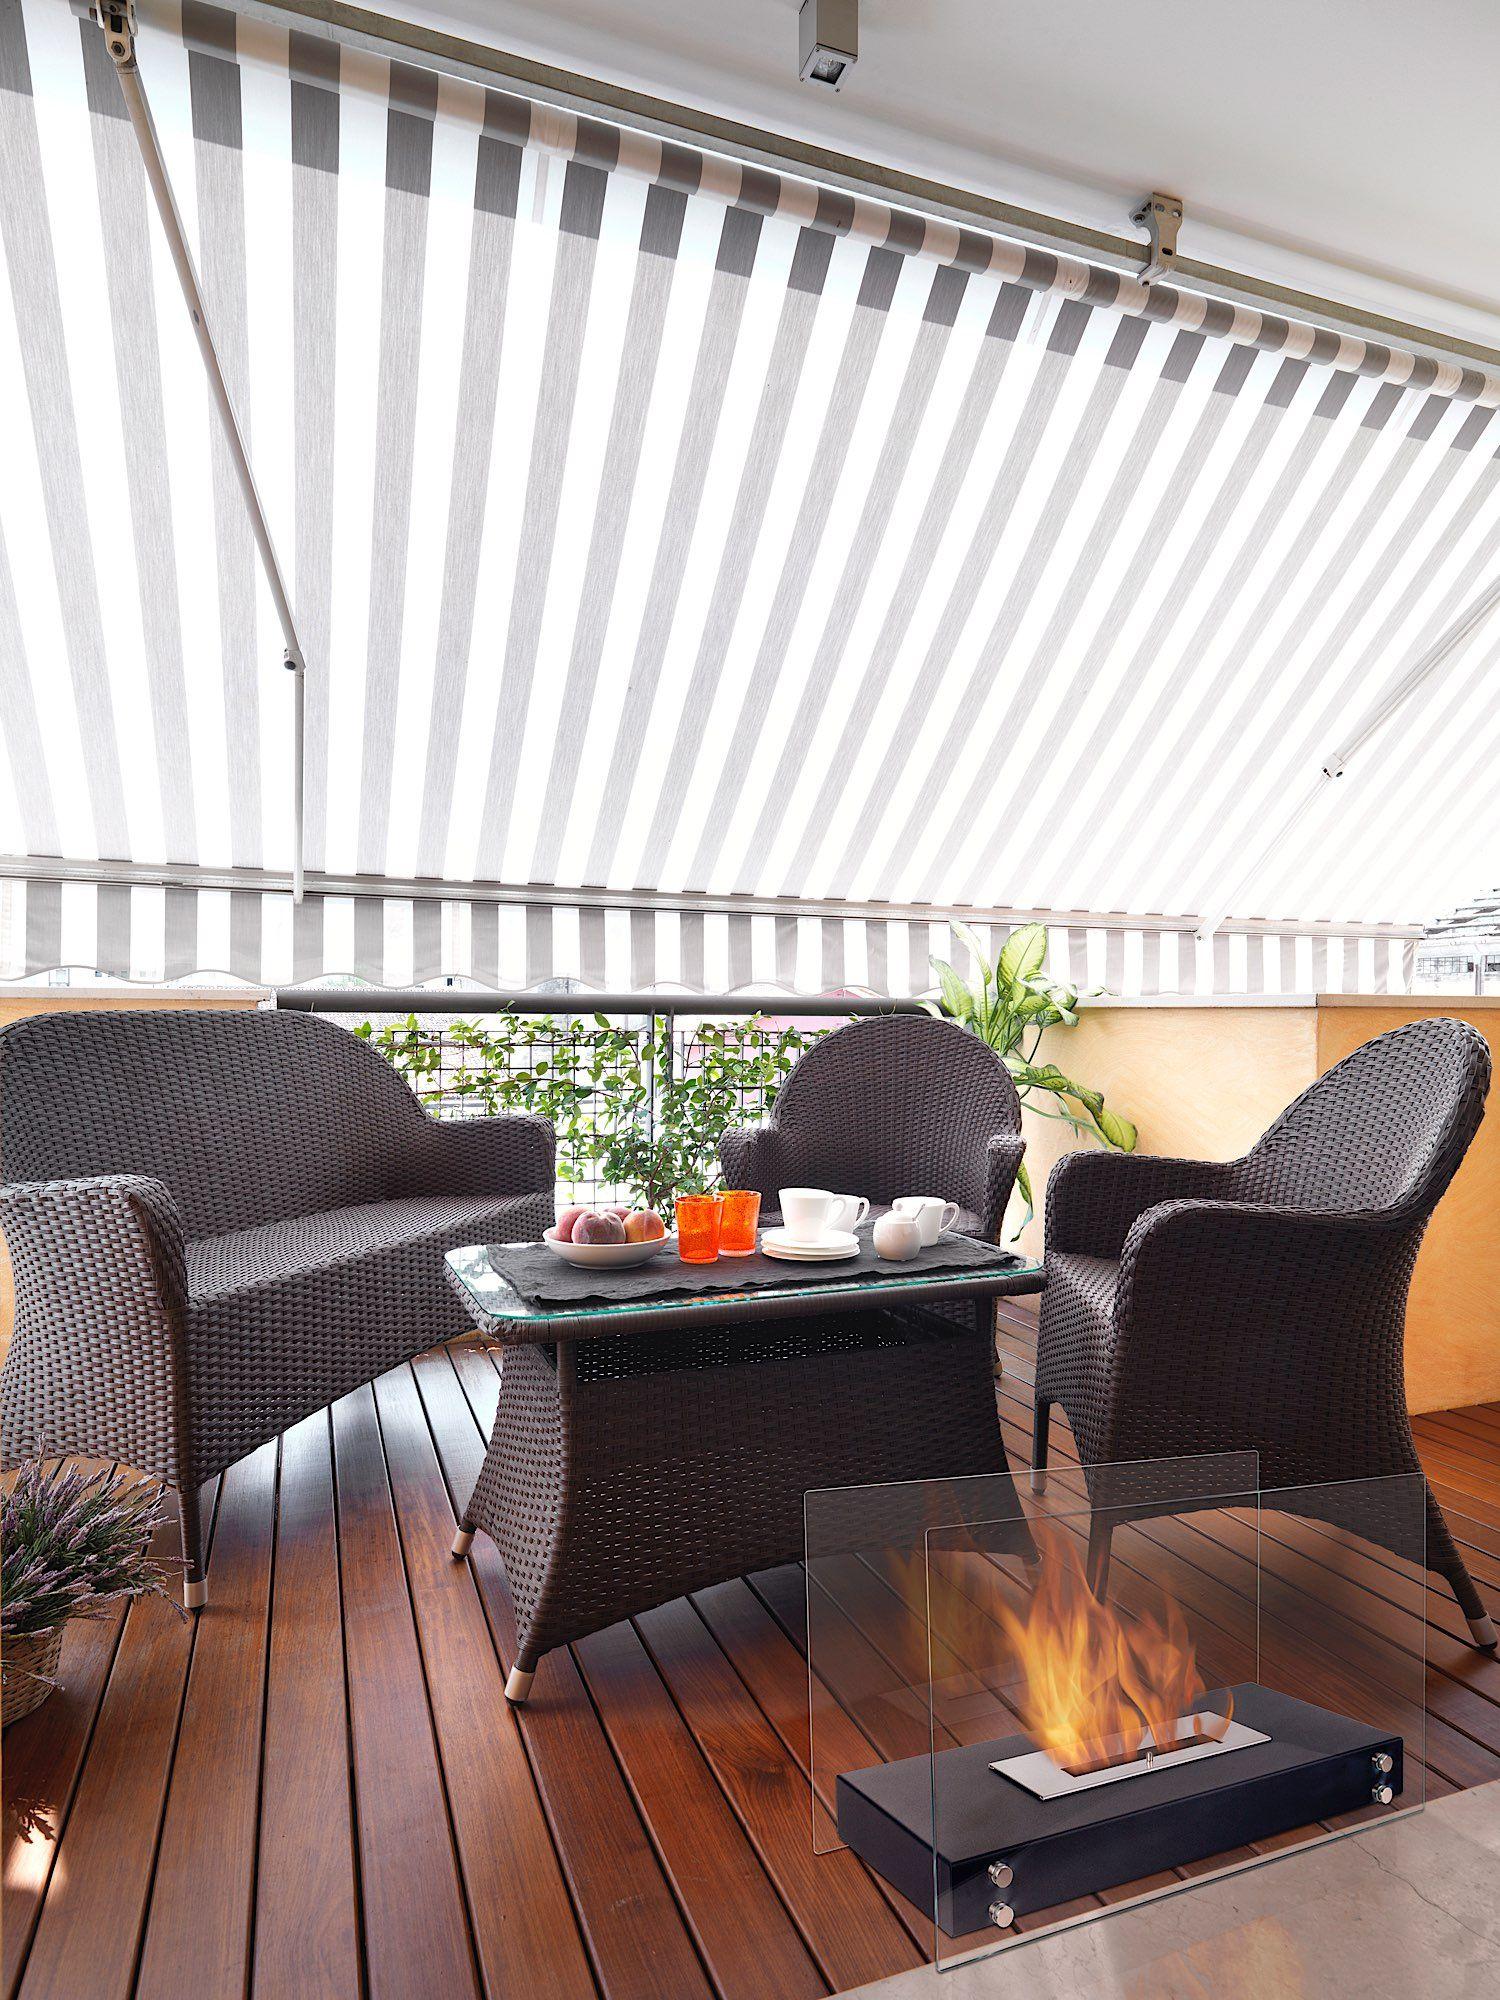 Ethanol Kamin Roma Auf Terrasse Mit Wunderschönem Holzboden   U003e Zum Kamin:  Http: